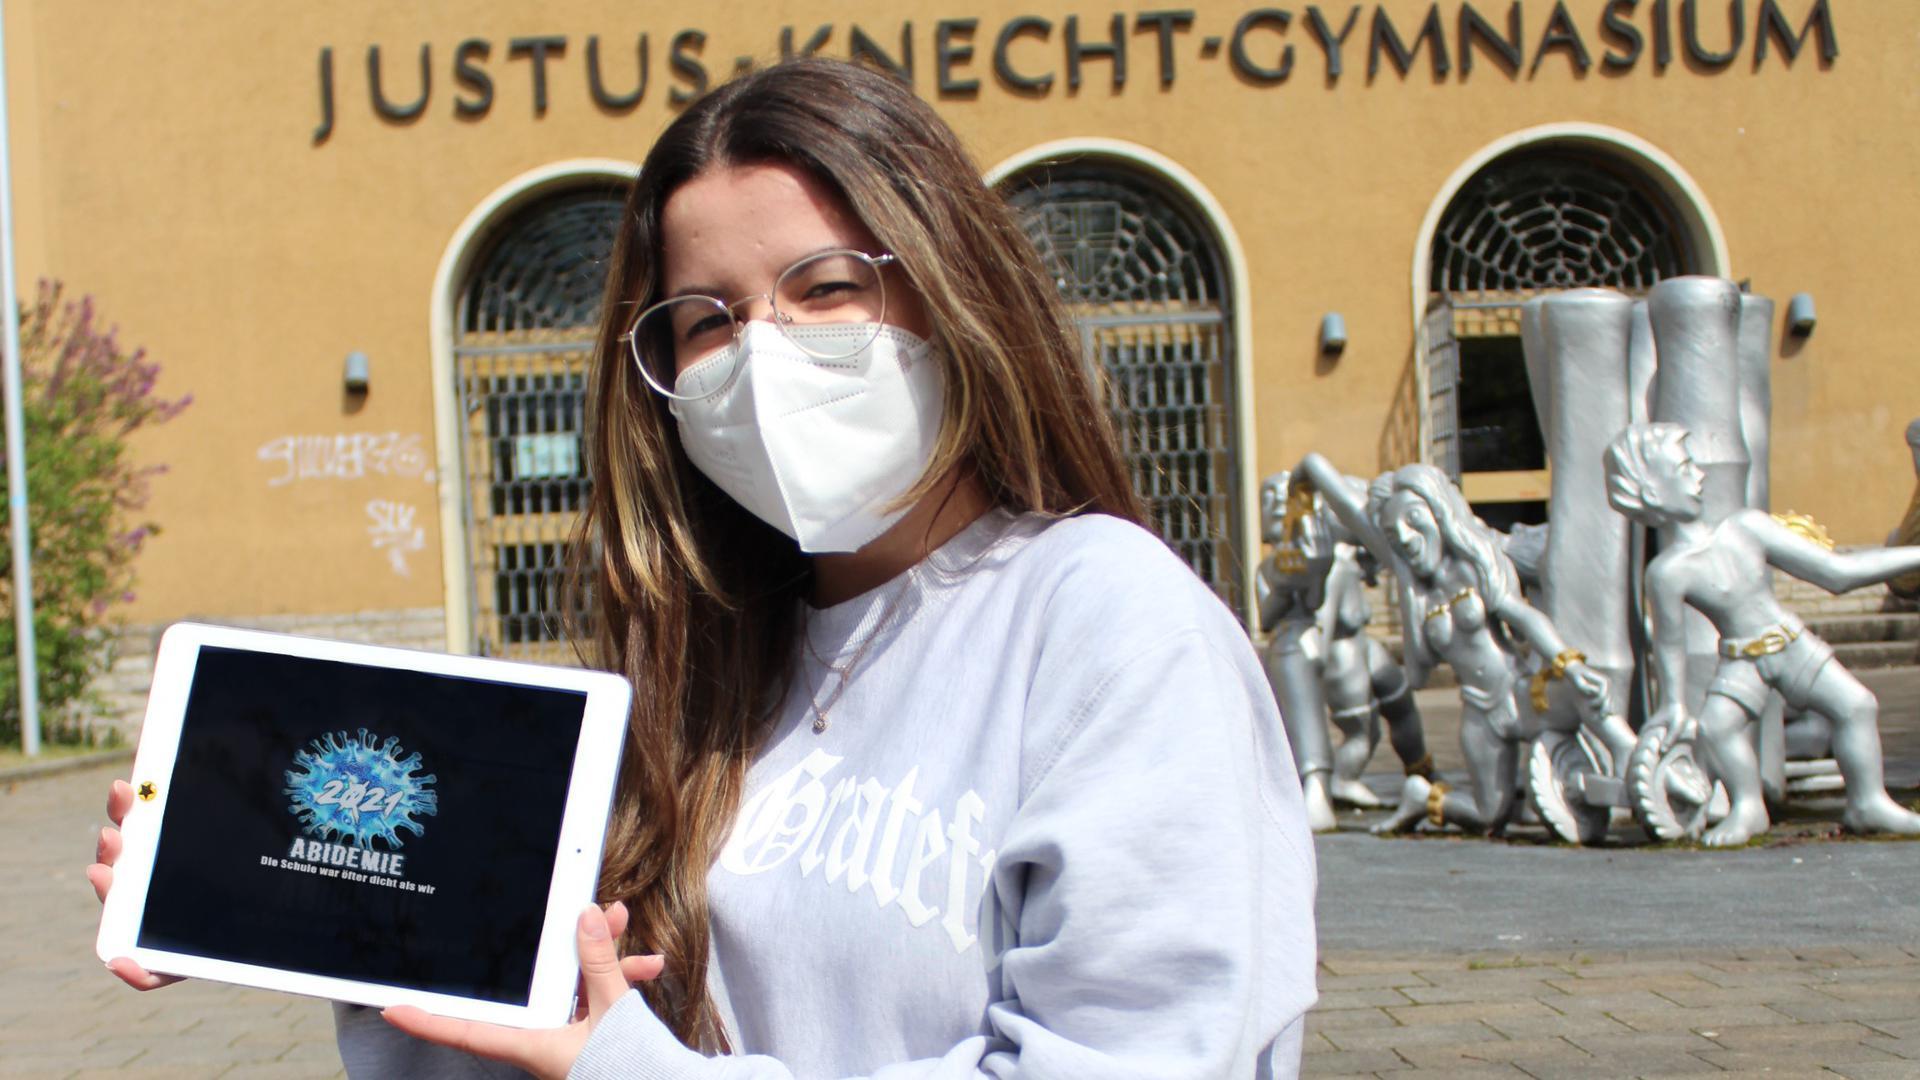 Auf dem Bild is Lorena Heid, 17 Jahre, aus Bruchsal zu sehen. Sie ist Schülerin des JKG (Kursstufe 2).  Sie steht/sitzt vor dem Justus-Knecht-Gymnasium in Bruchsal.